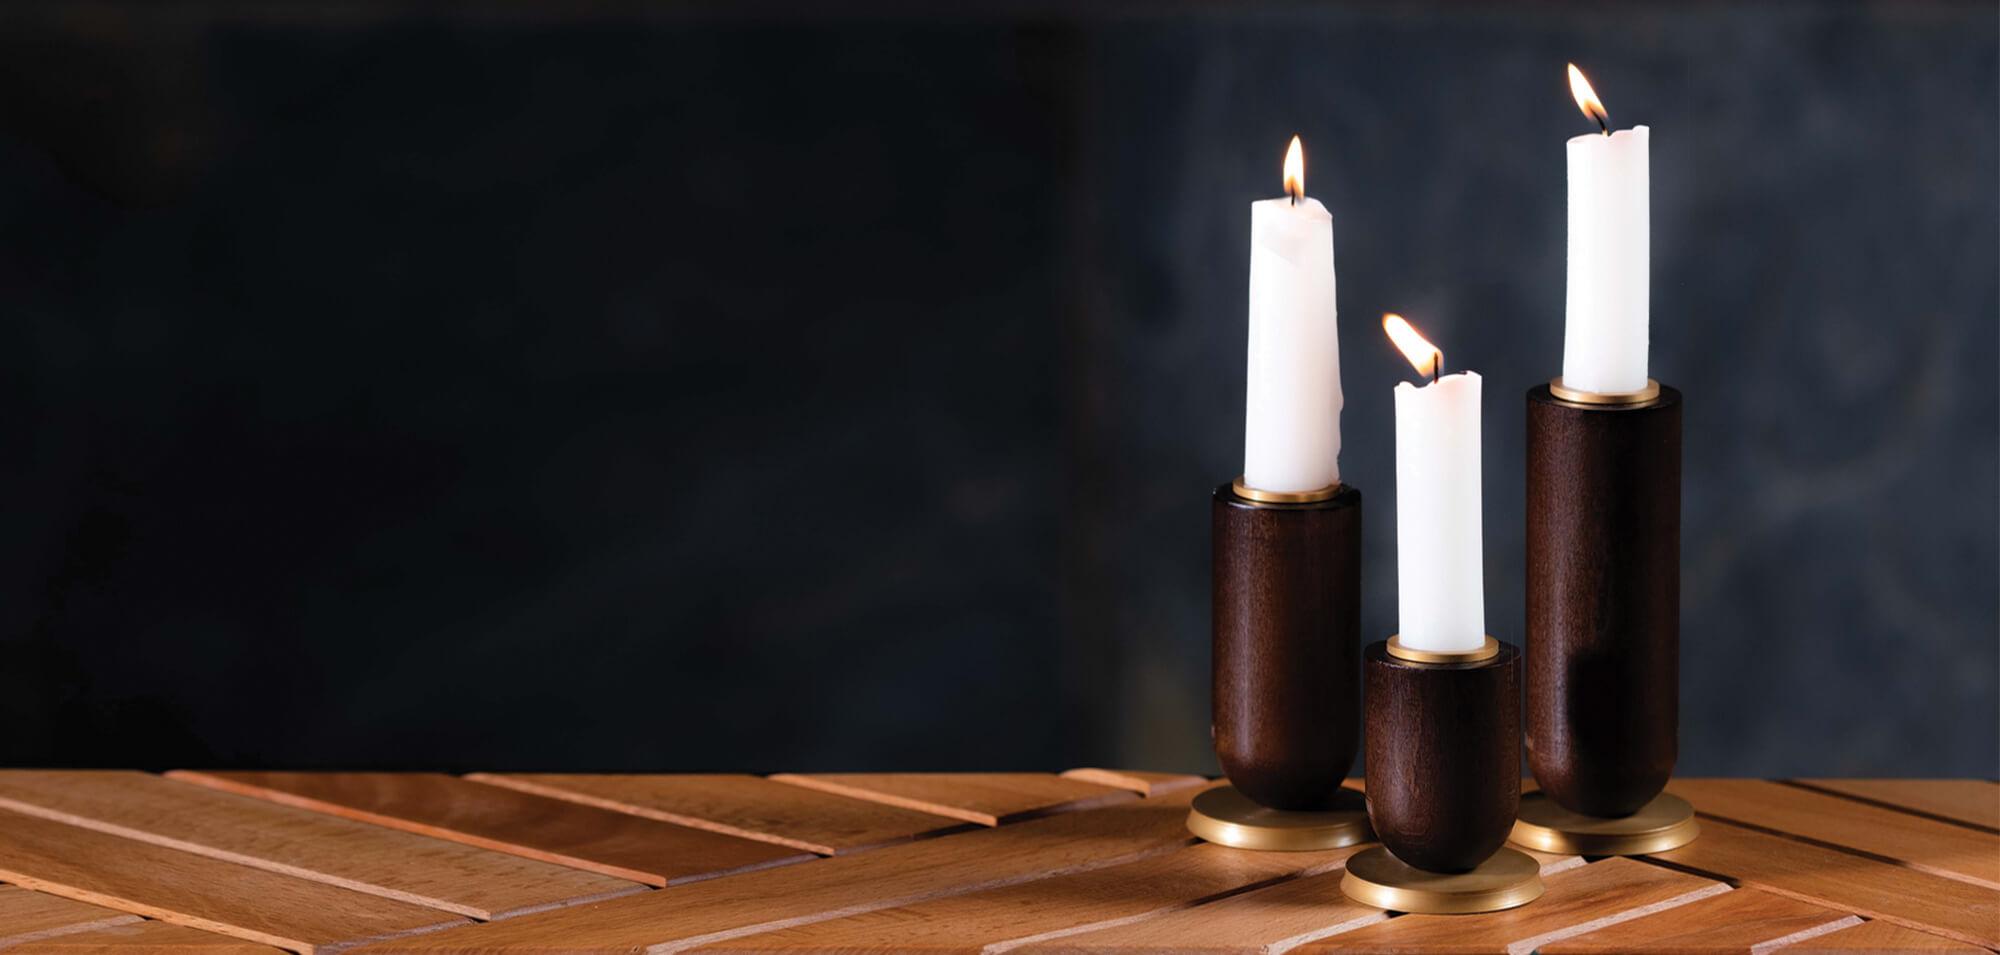 sunhome Candlestick model W3051 2 - جاشمعی چوبی مدل W3051